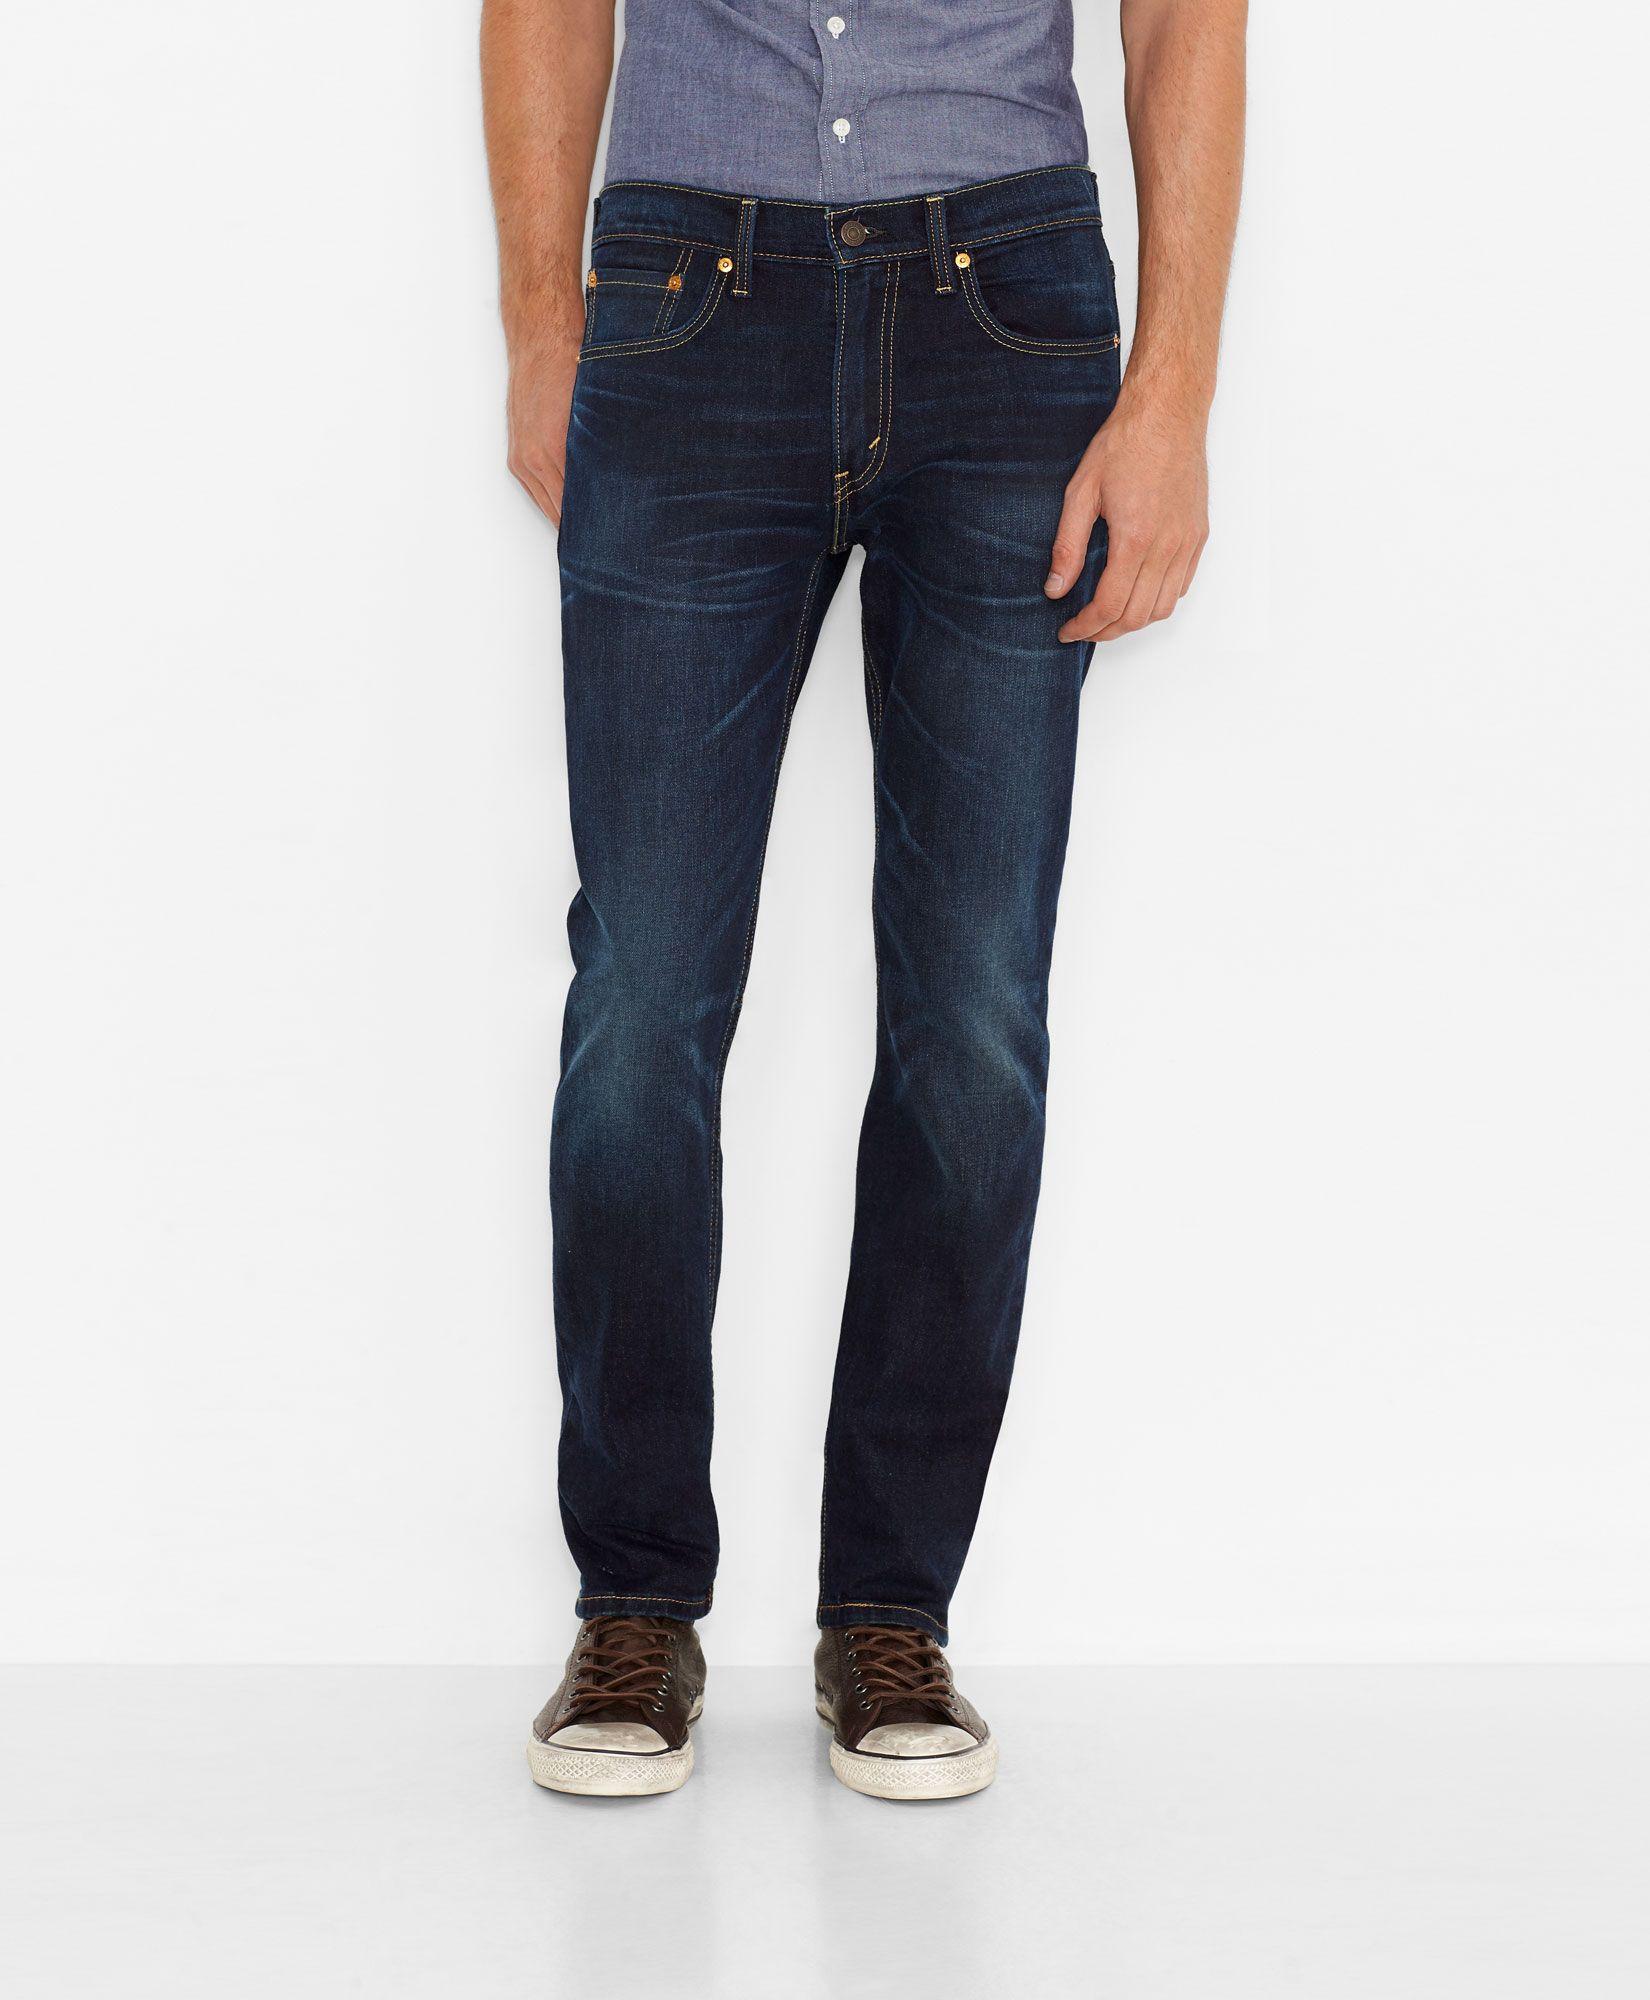 Levi's 511™ Slim Fit Jeans - Sequoia - Jeans 32 waist x 32 length